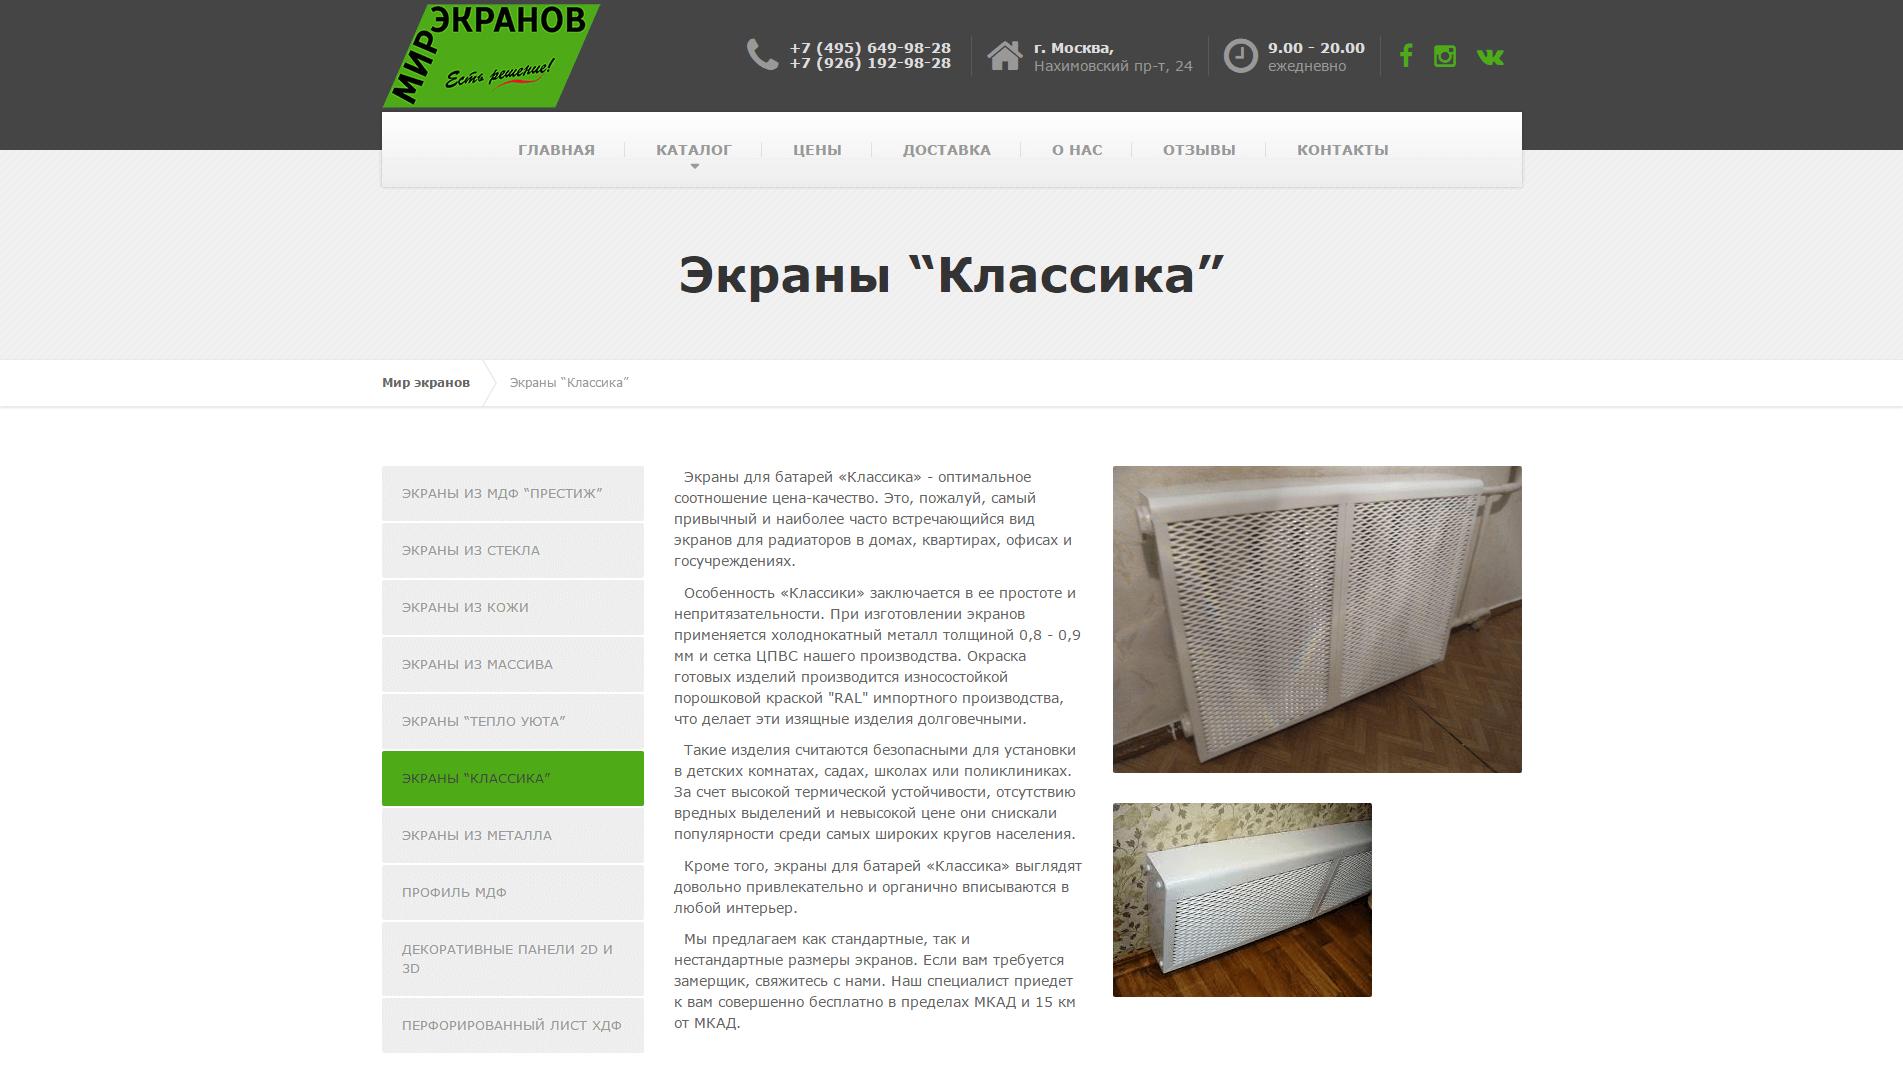 Внутренний раздел корпоративного сайта по продаже экраснов для радиаторов